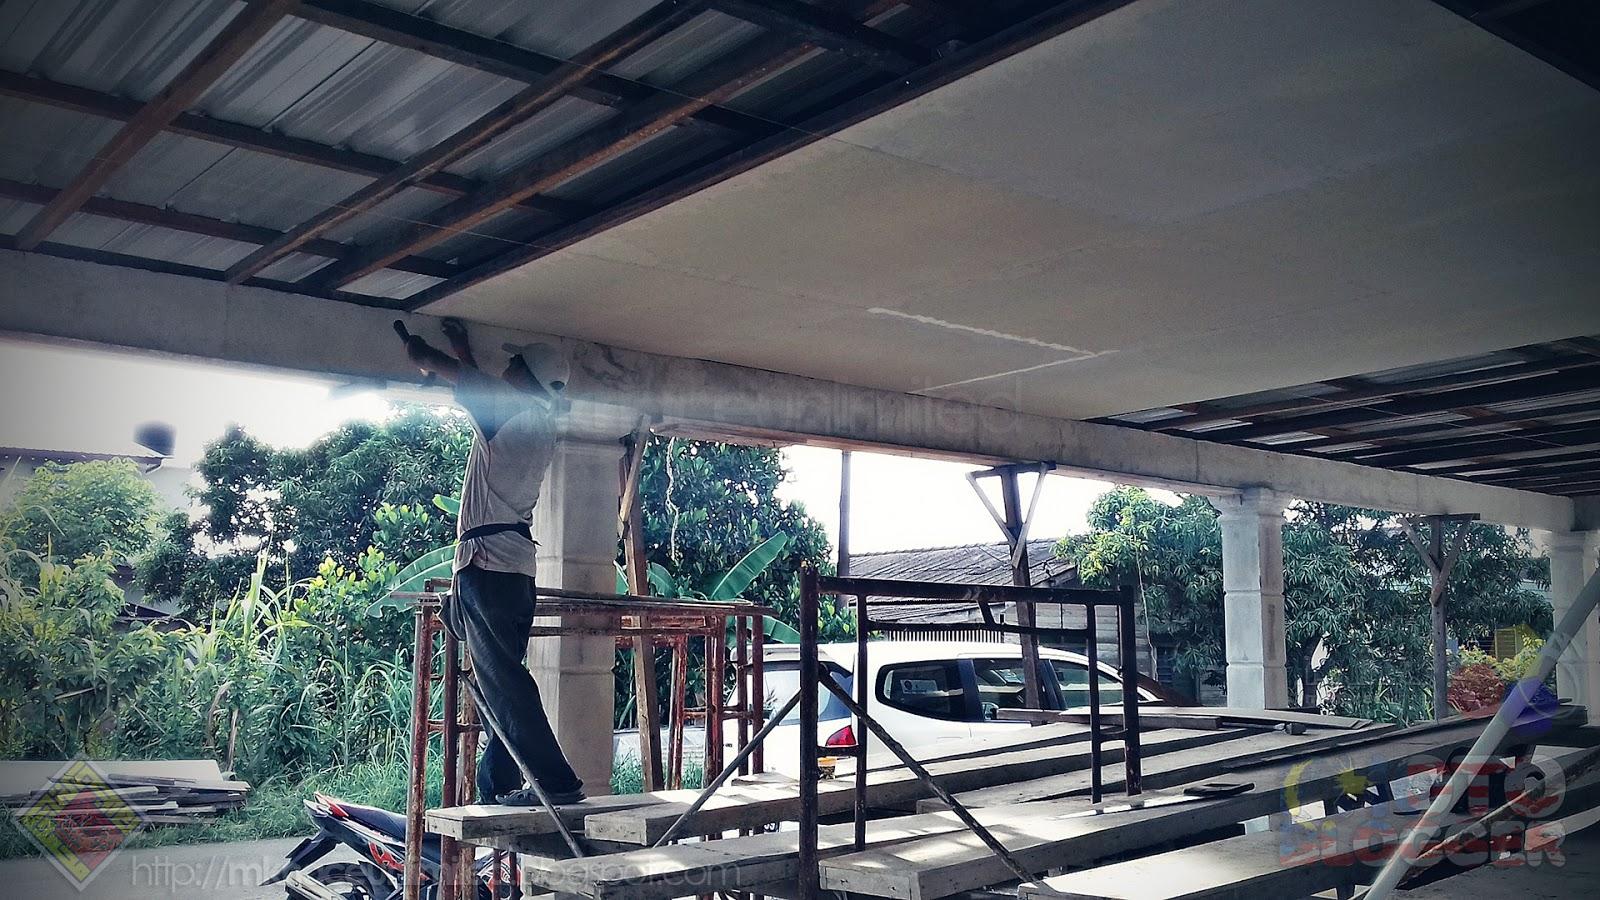 Home Sweet Renovation Phase 3 20181128 Progress Mknace Tcash Vaganza 17 Us Baby Mosquito Sticker Dah Mula Naik Syiling Untuk Porch